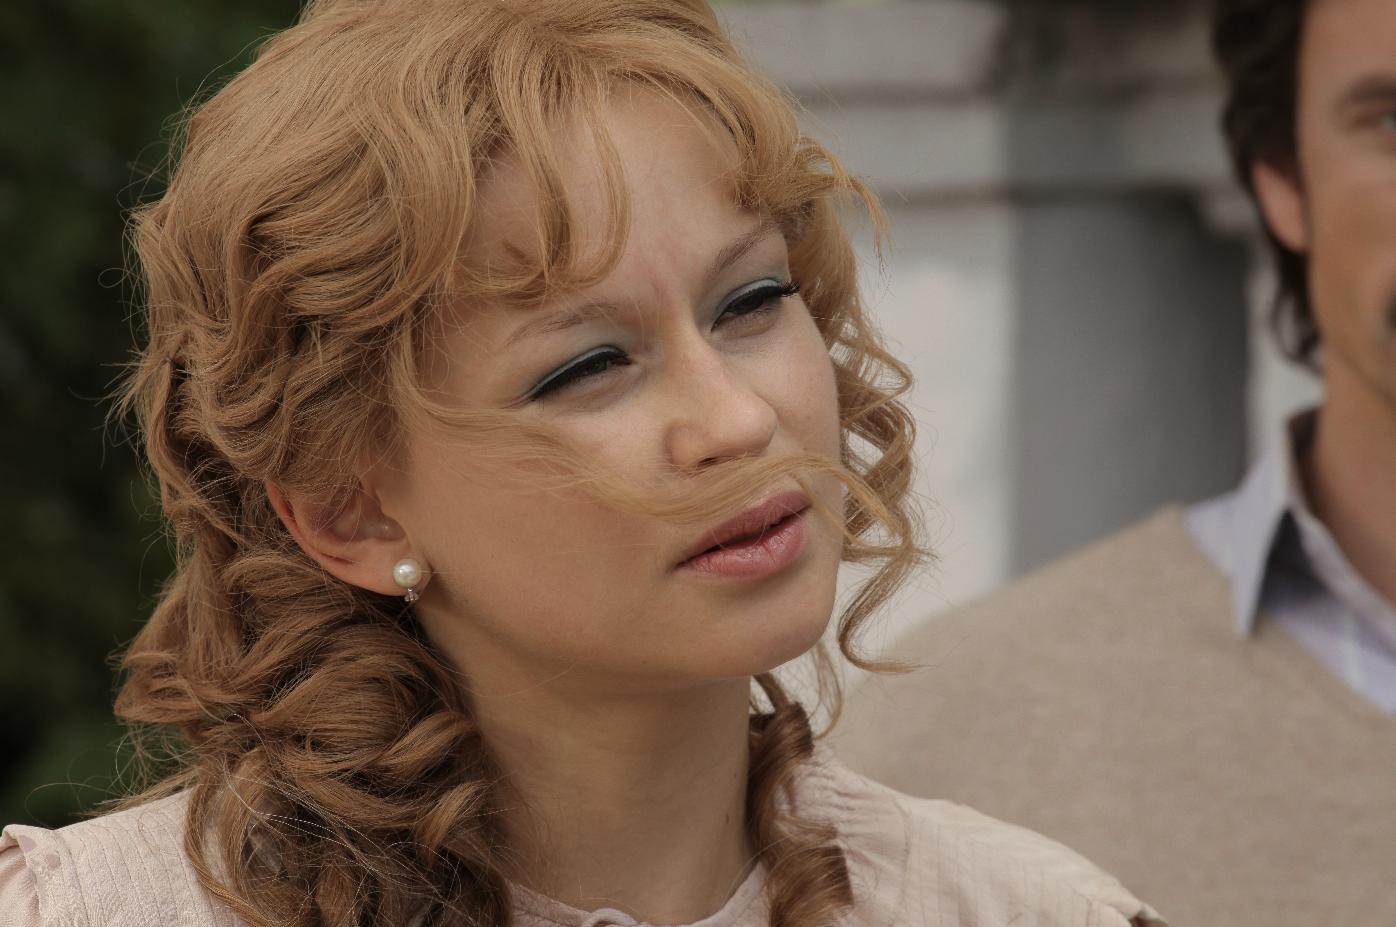 Премьера сериала о Людмиле Гурченко состоится 9 ноября